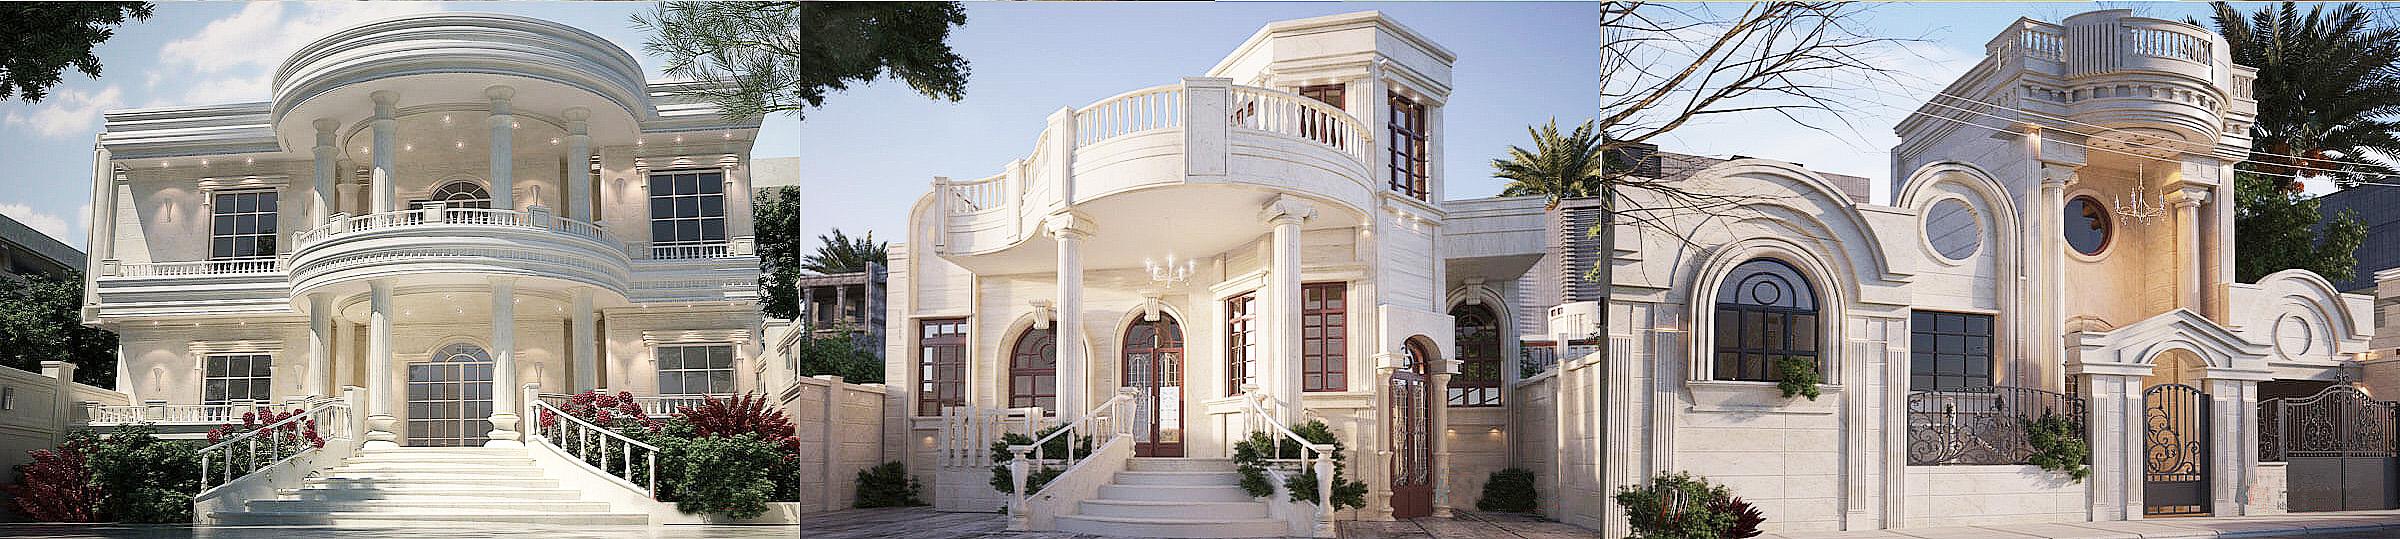 درب-و-پنجره-یو-پی-وی-سی-قوس-دار255414هلالیamaj-sanat-azar